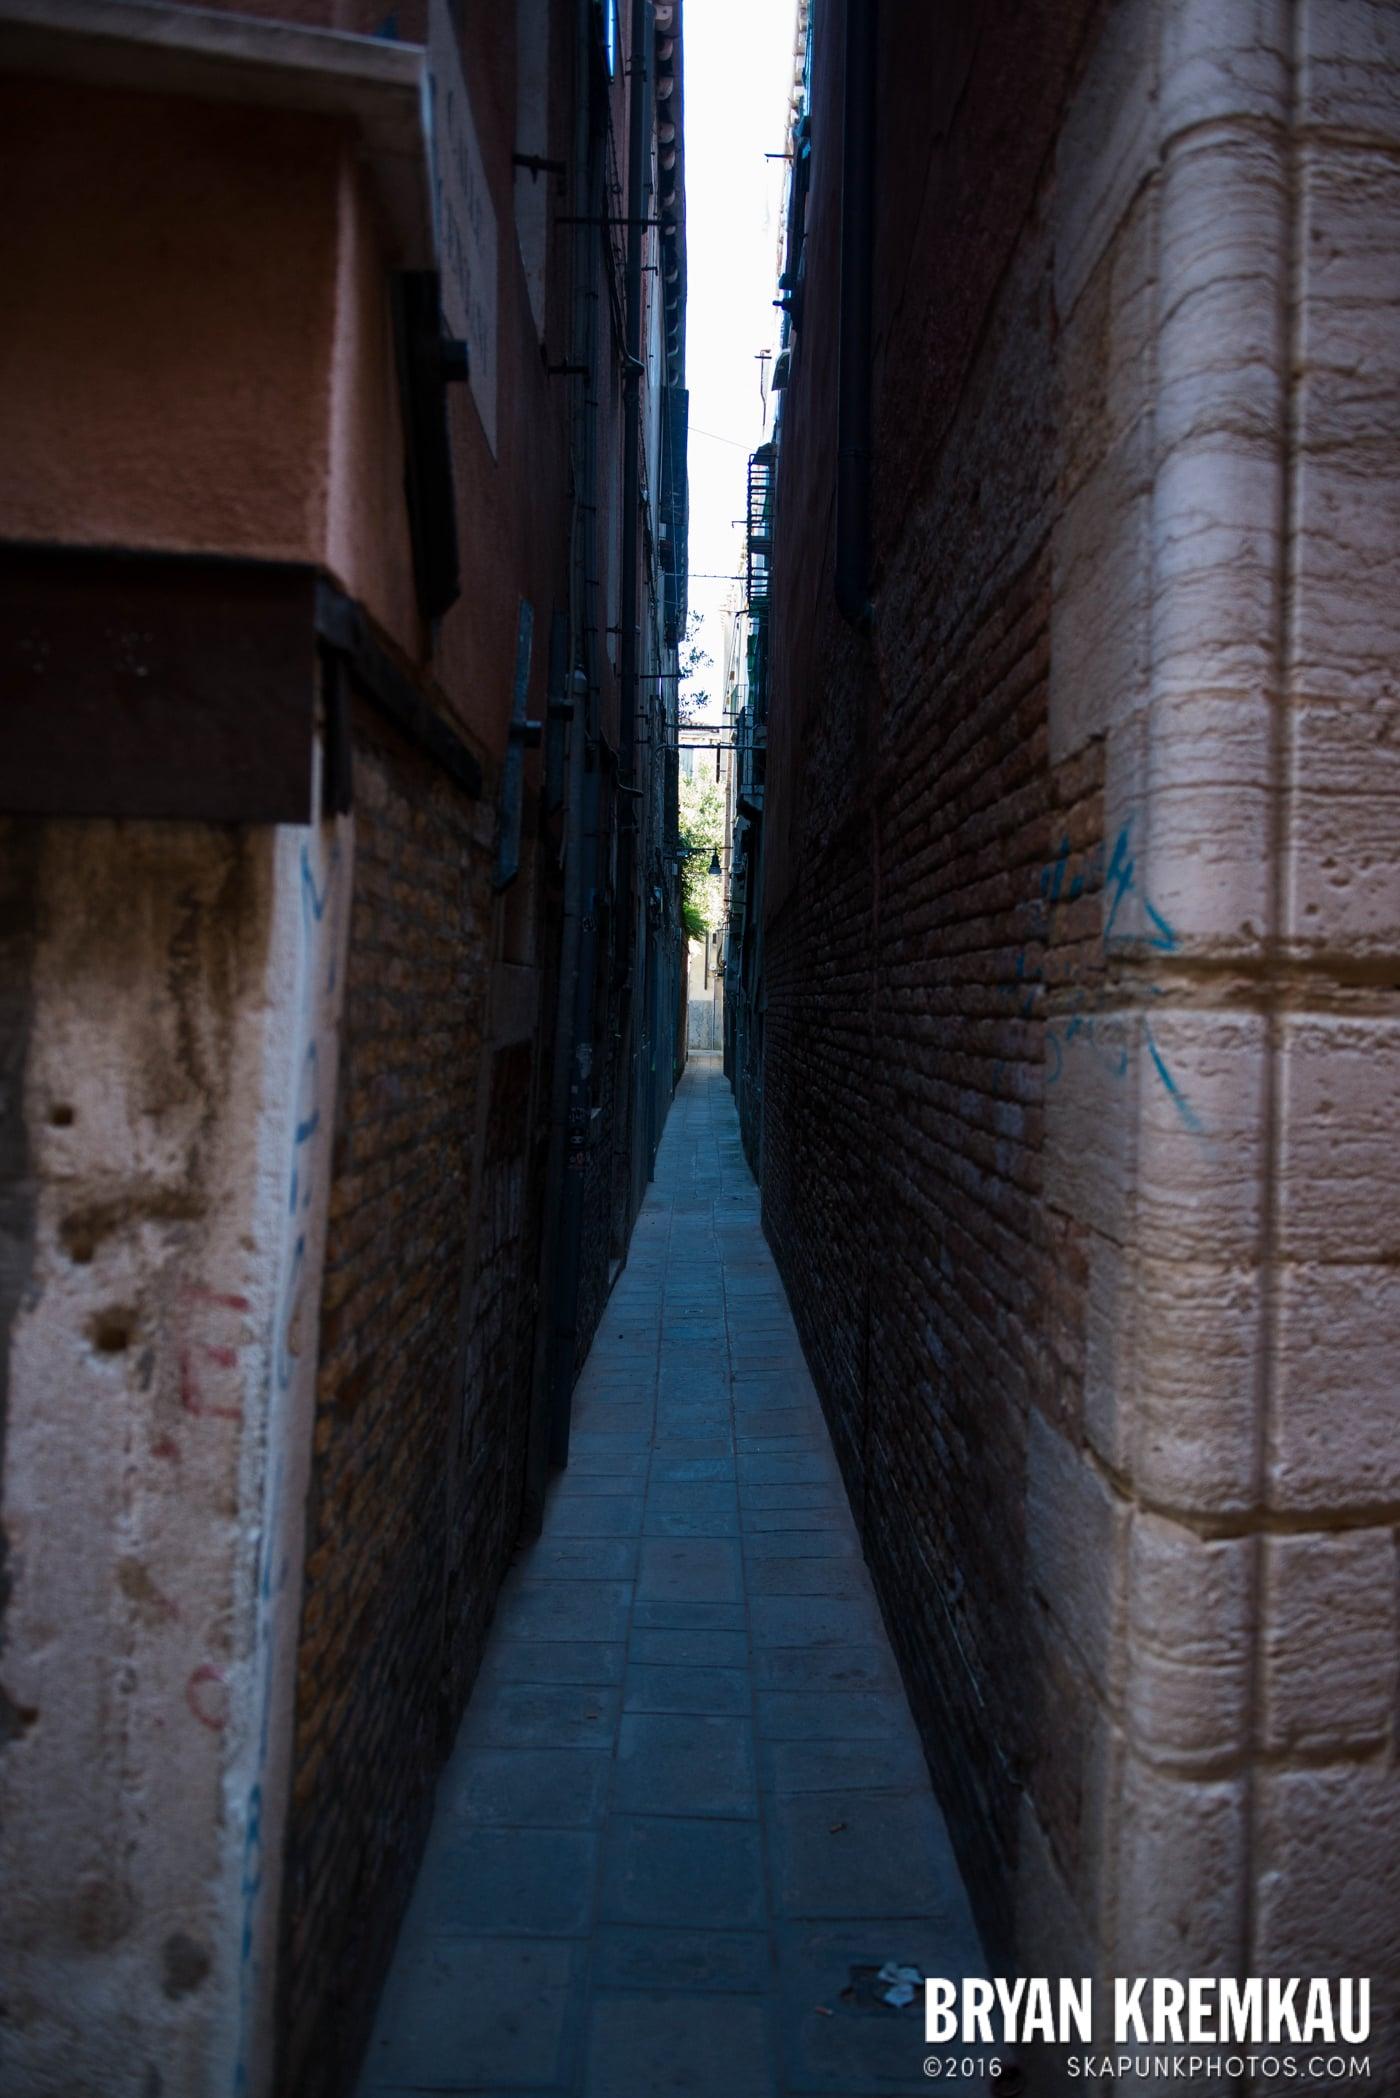 Italy Vacation - Day 4: Venice - 9.12.13 (41)